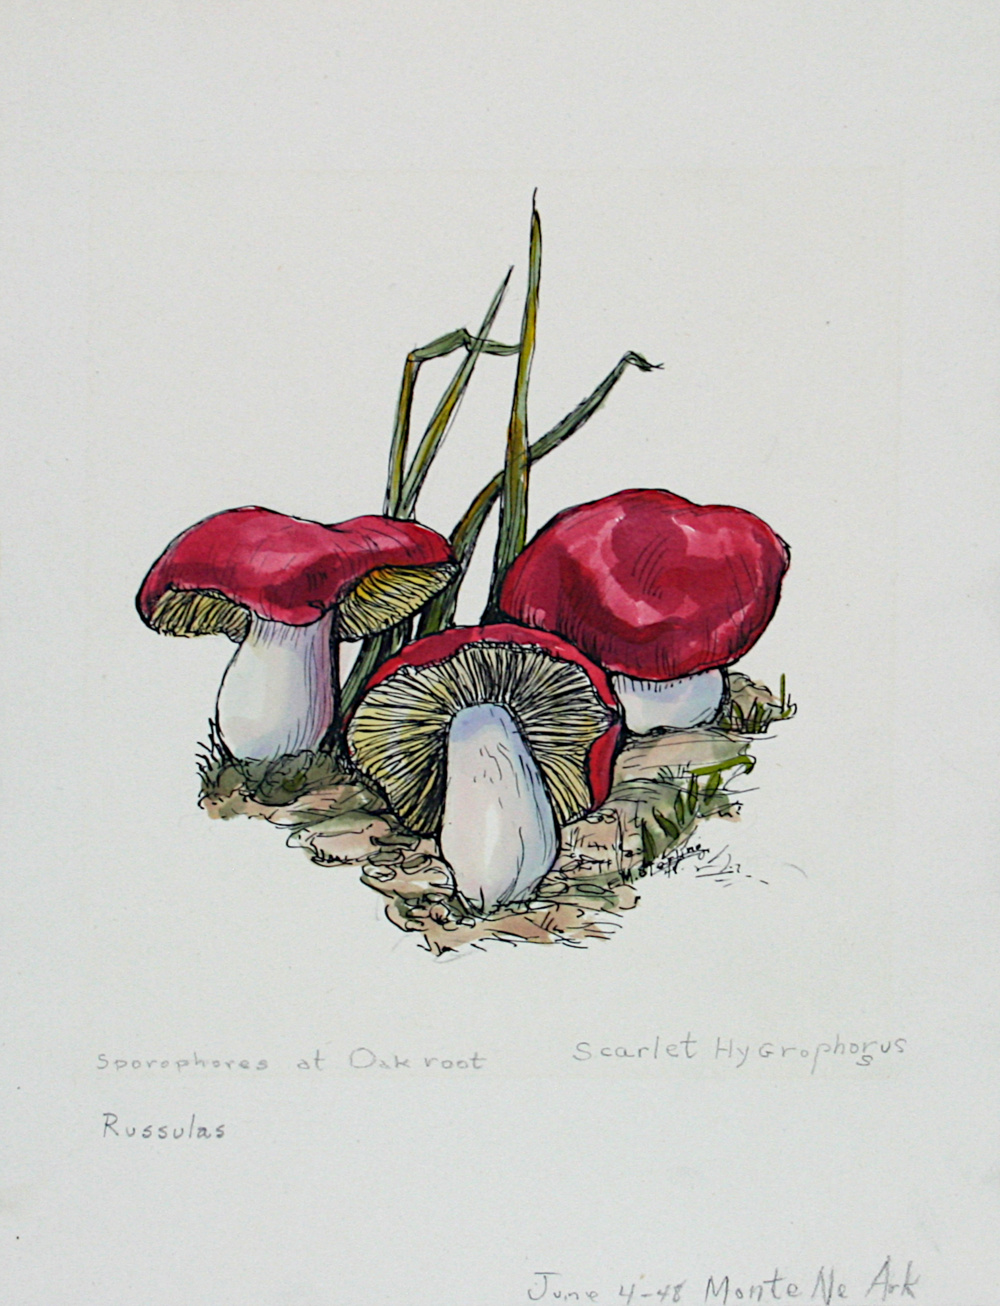 Sporophores at Oak Root